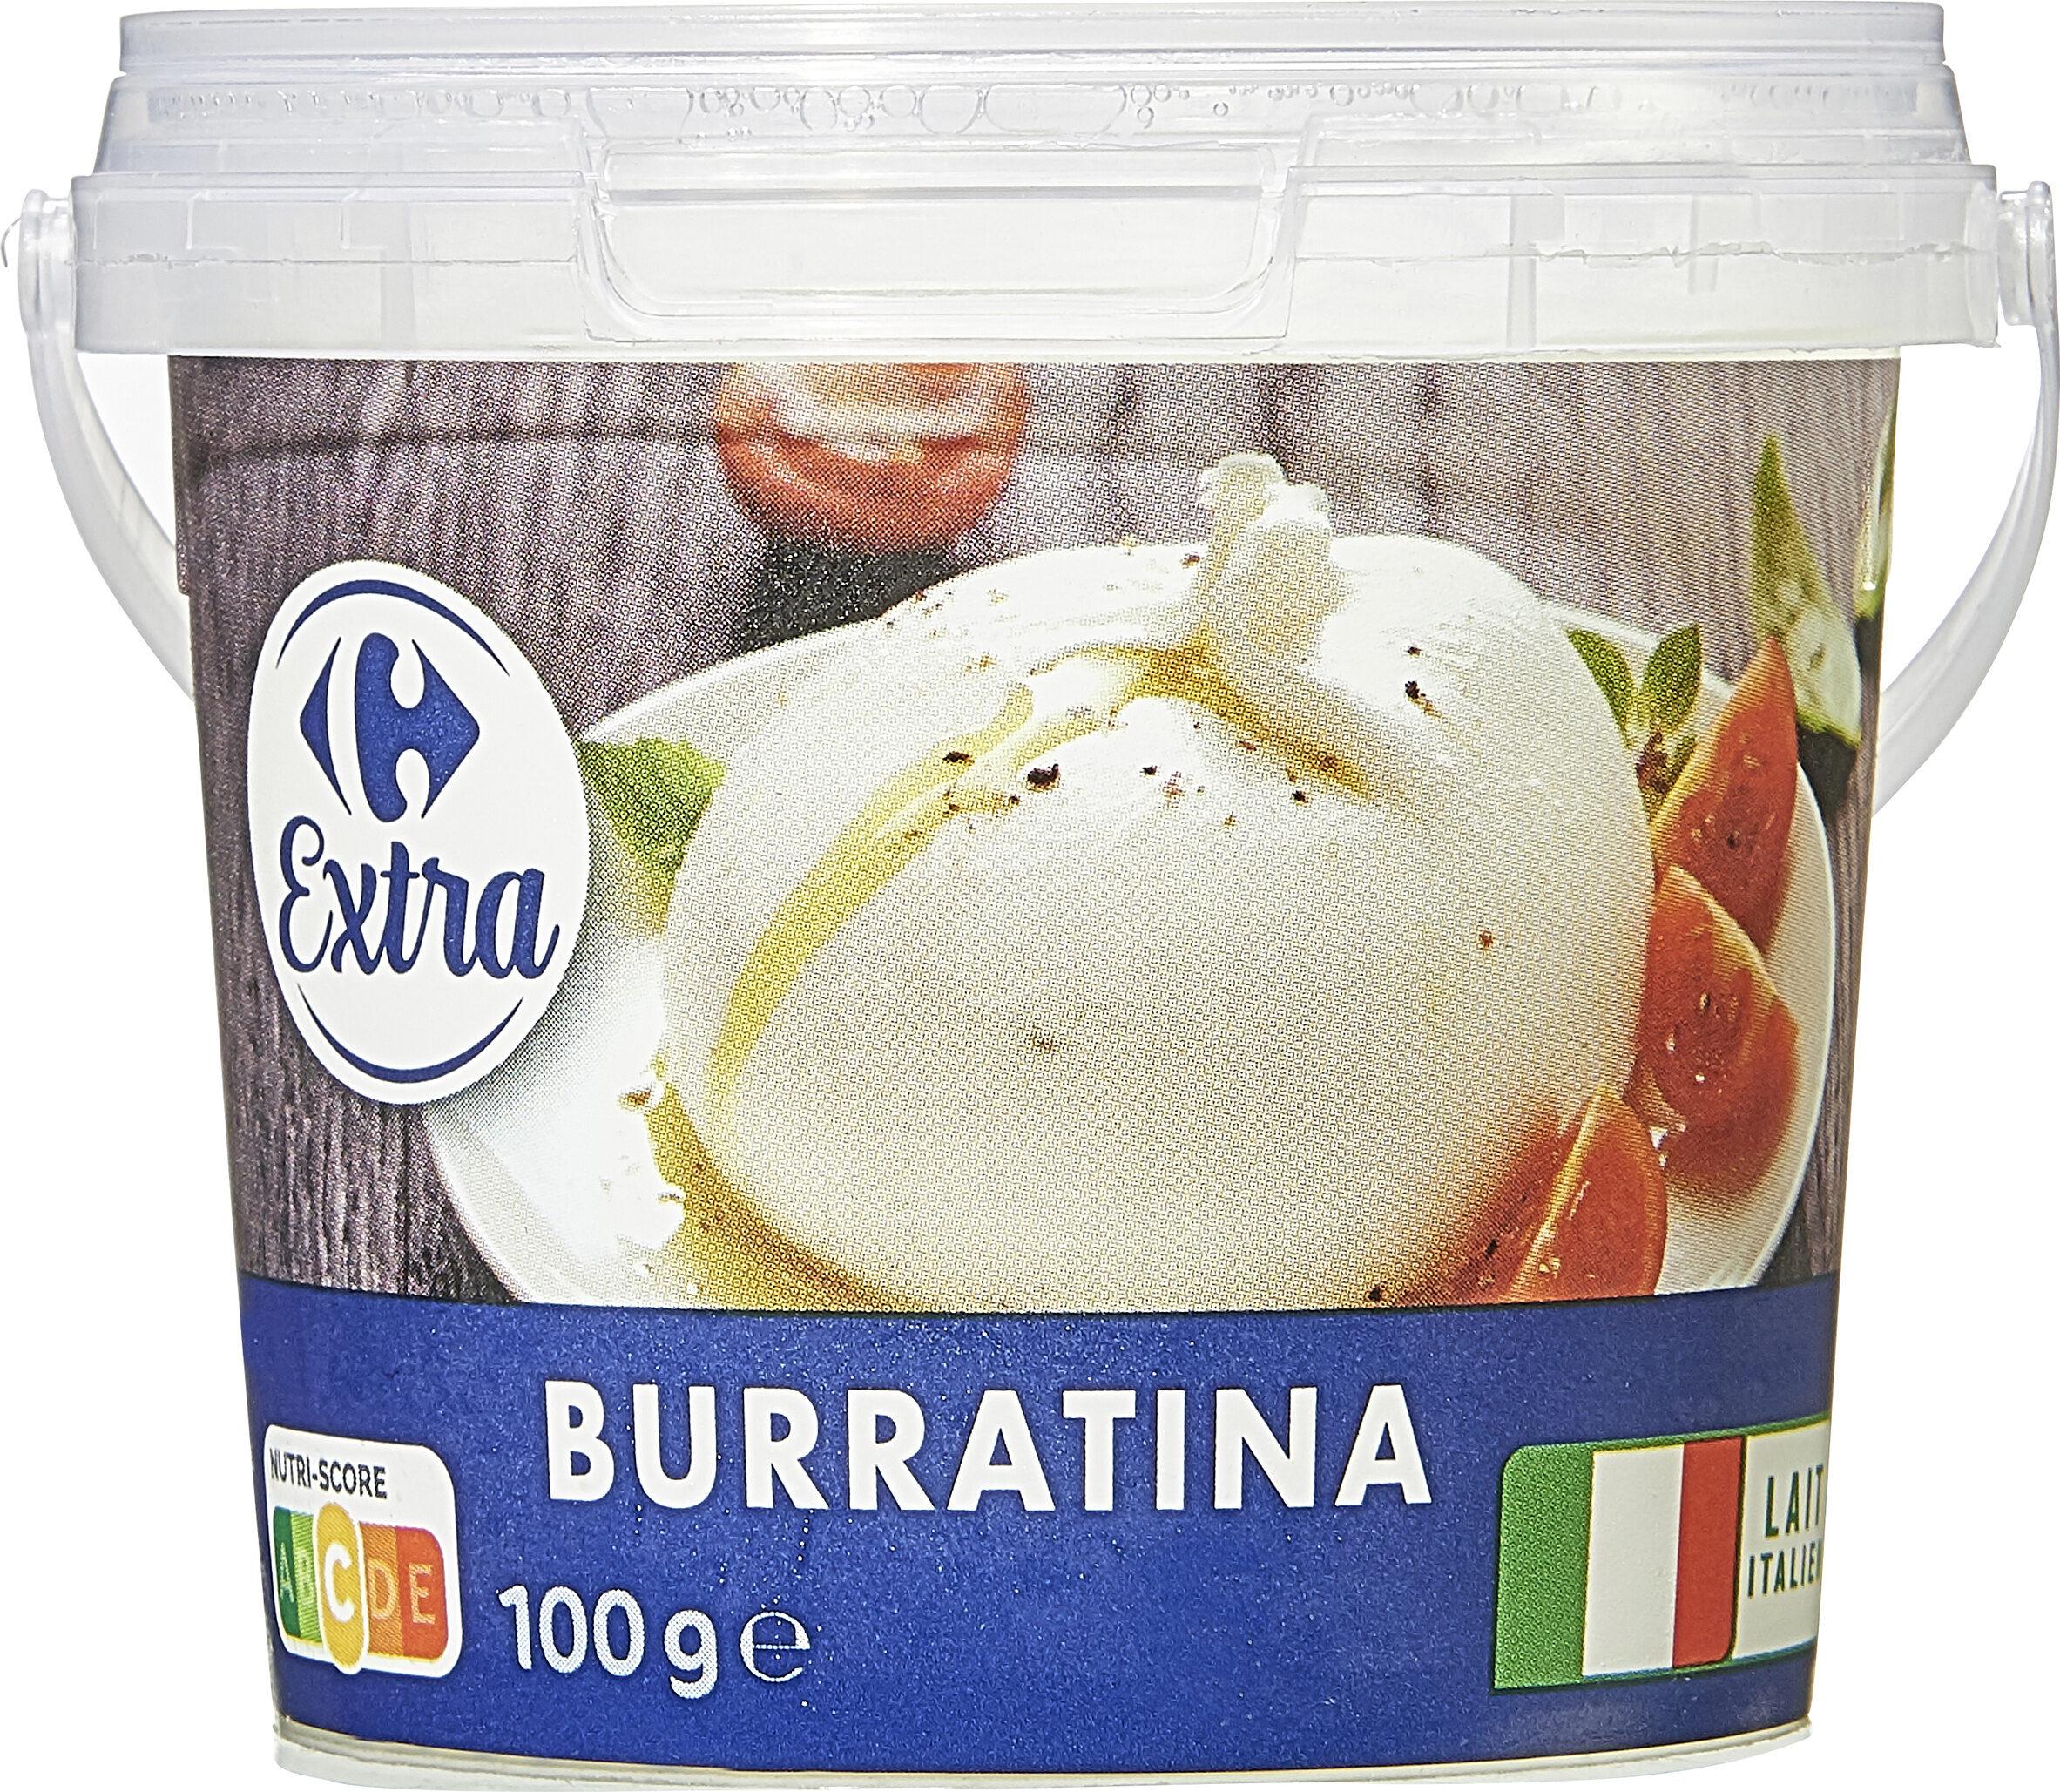 Stracciatella di Burrata - Product - fr